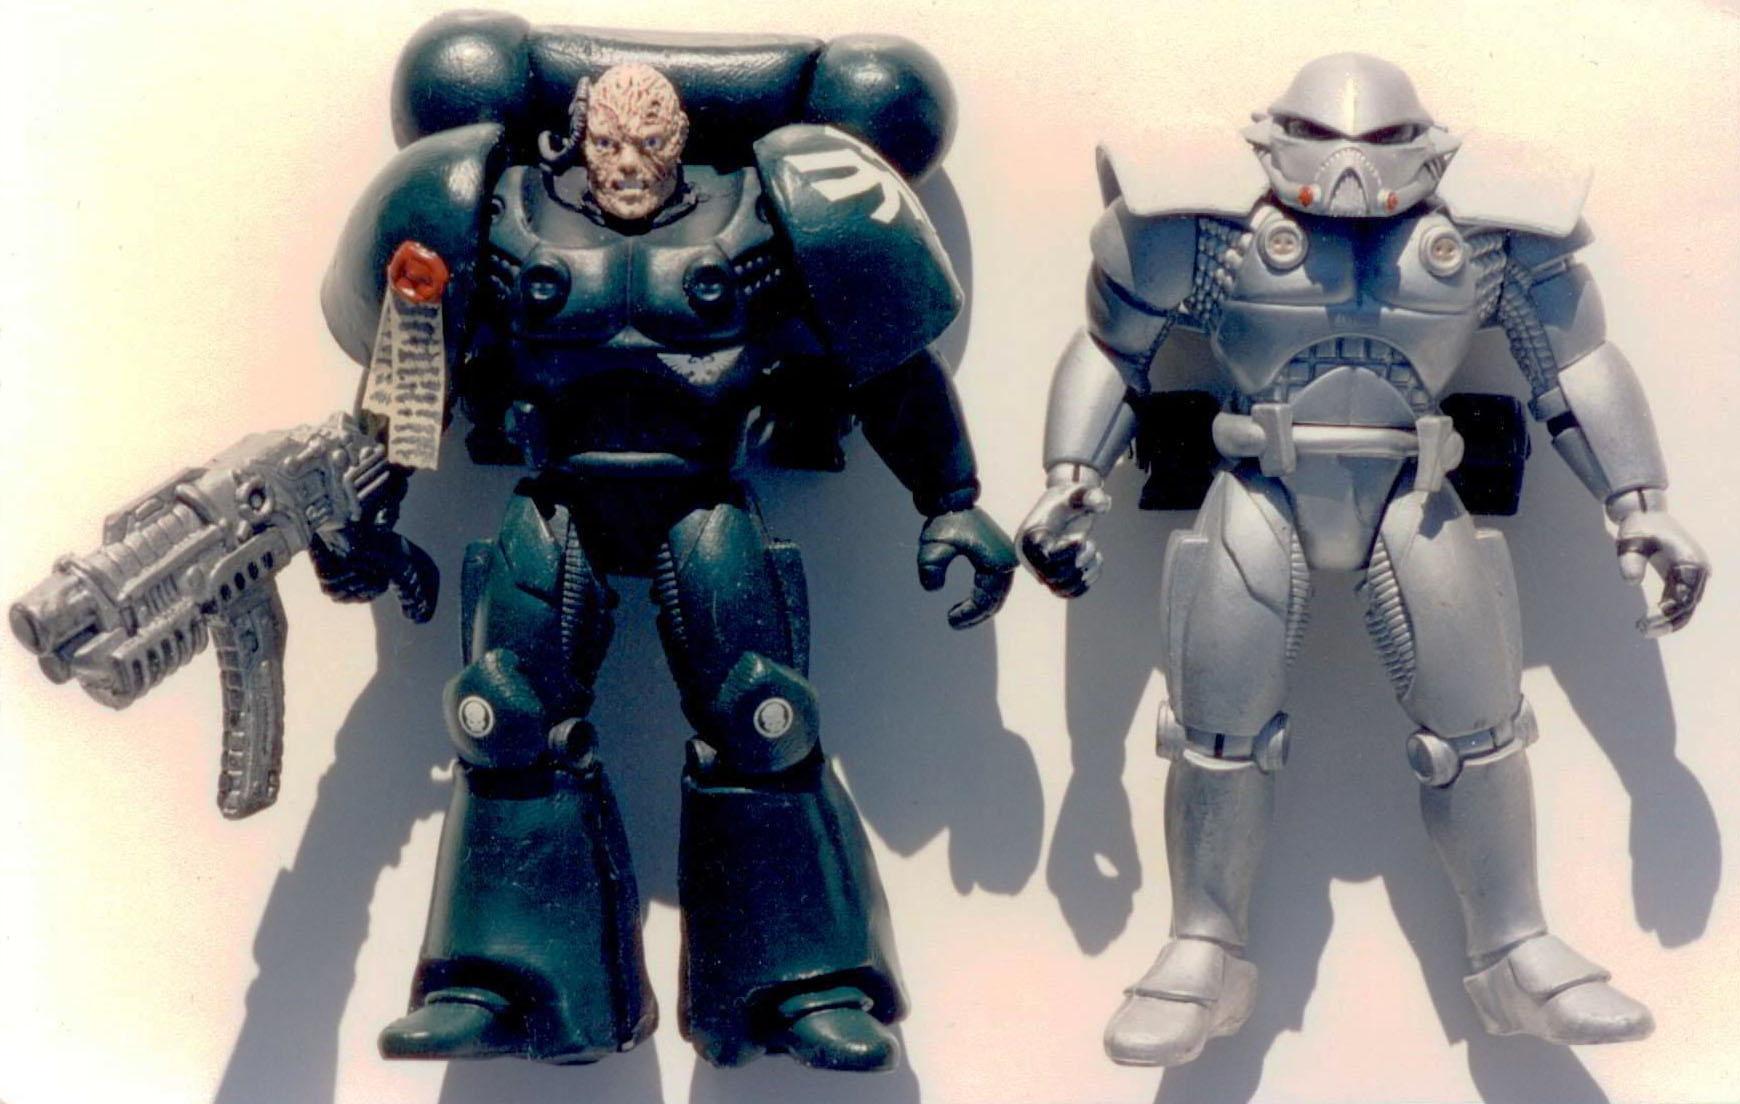 Action Figure, Army, Astartes, Dark Angels, Darkangels, Imperium, Large Astartes, Large Space Marine, Military, Space Marines, Spacemarine, War, Warhammer 40,000, Warhammer Fantasy